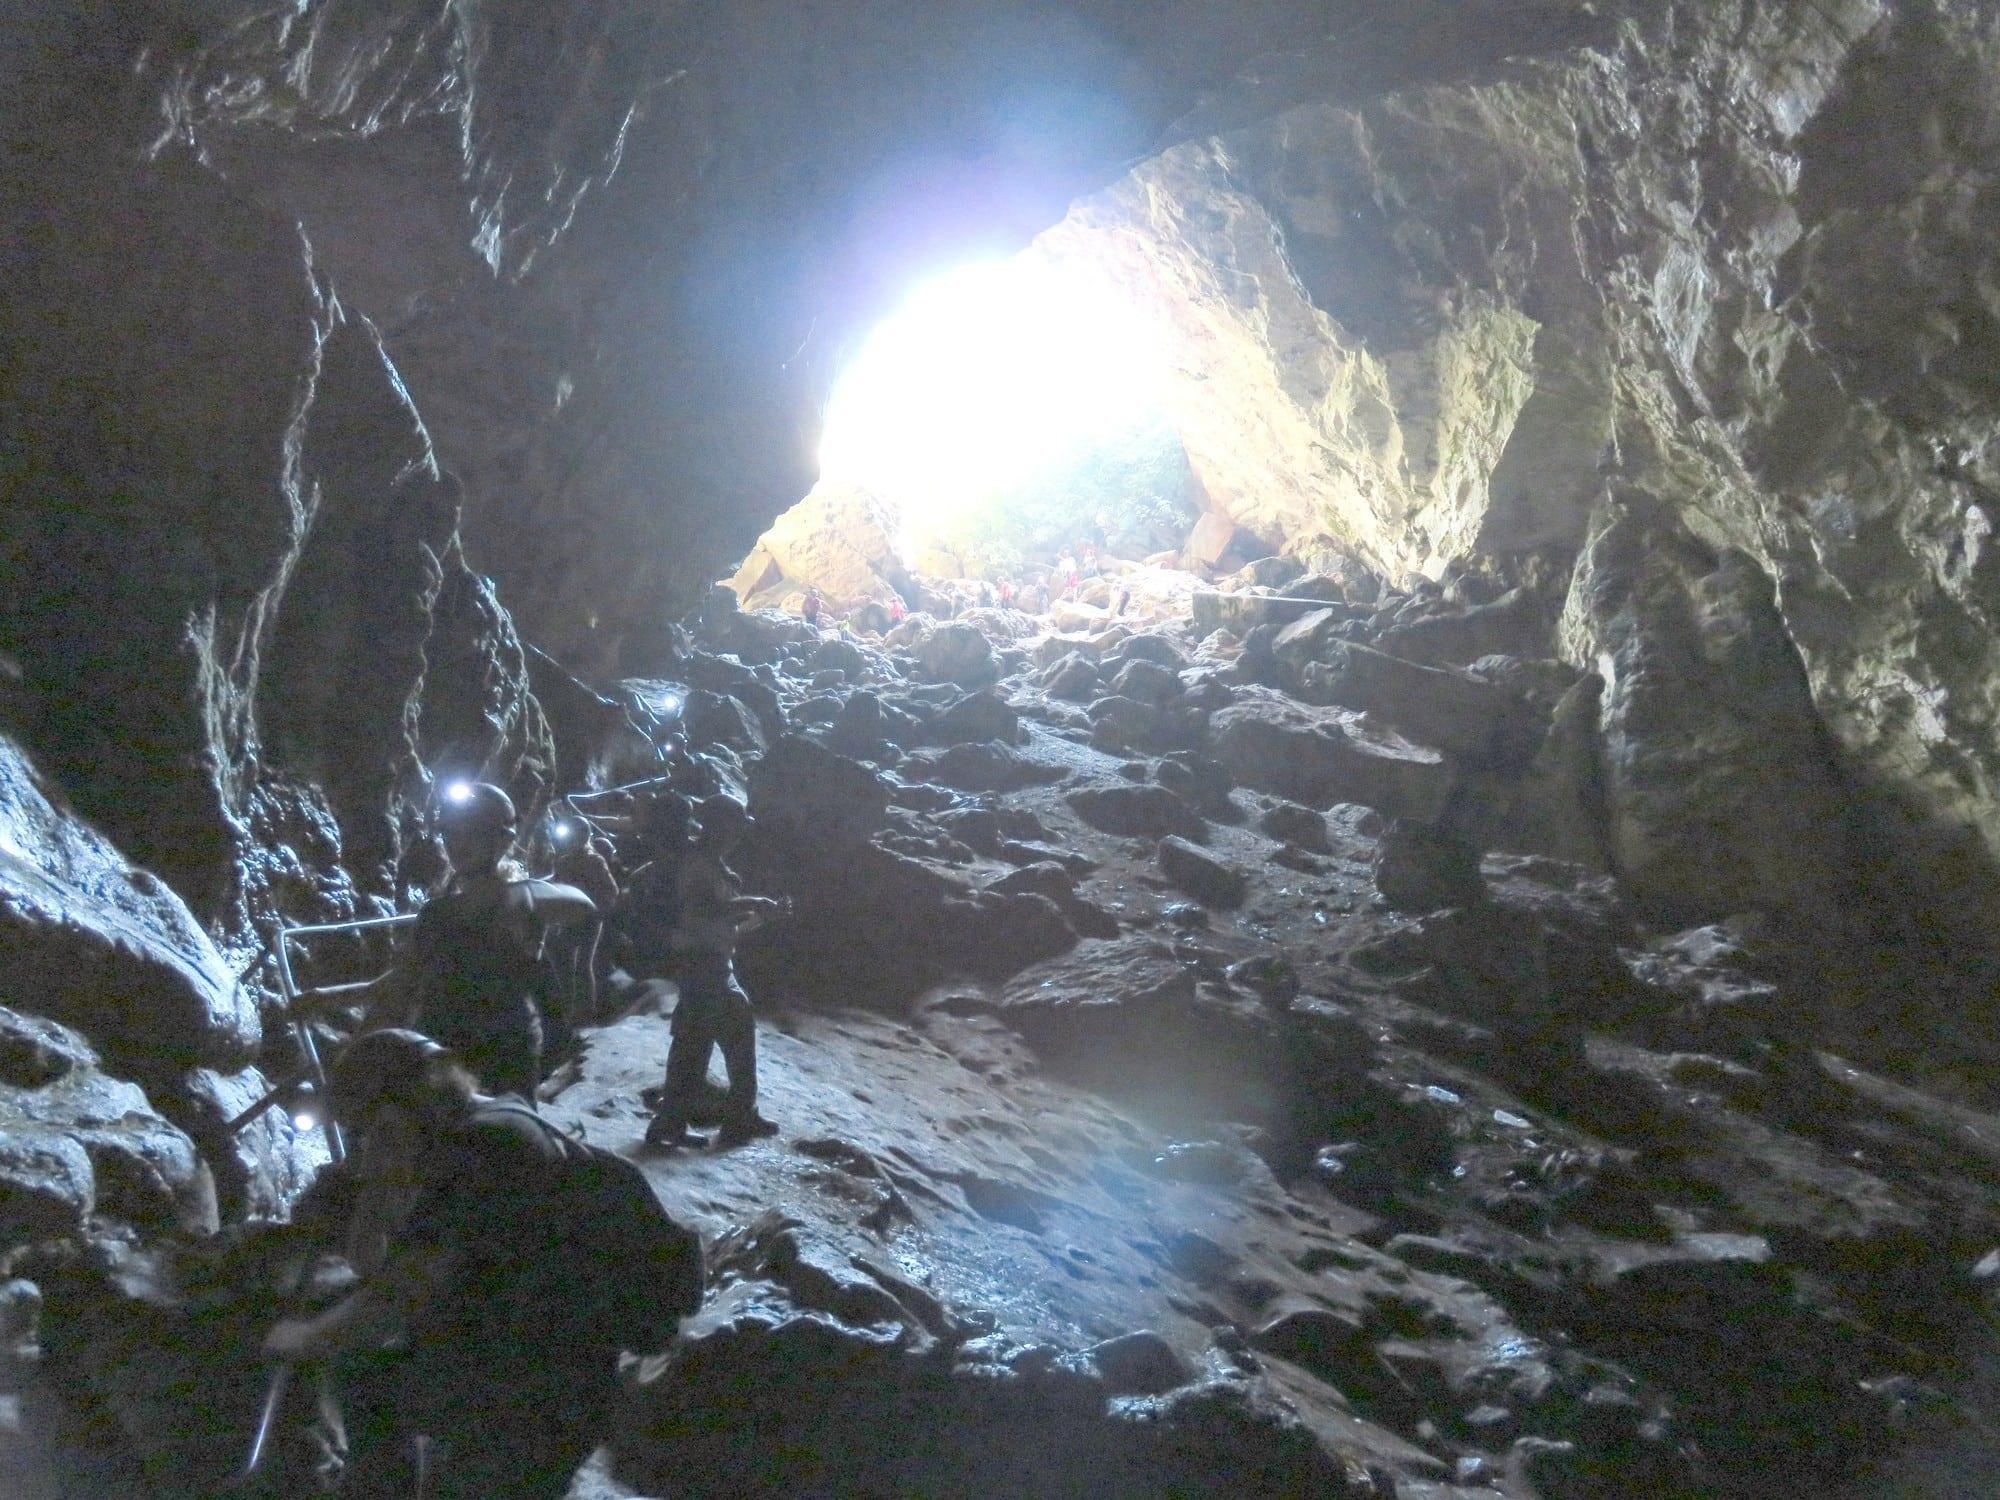 פתח הכניסה הרחב למערת עלמה | ערוצים בטבע